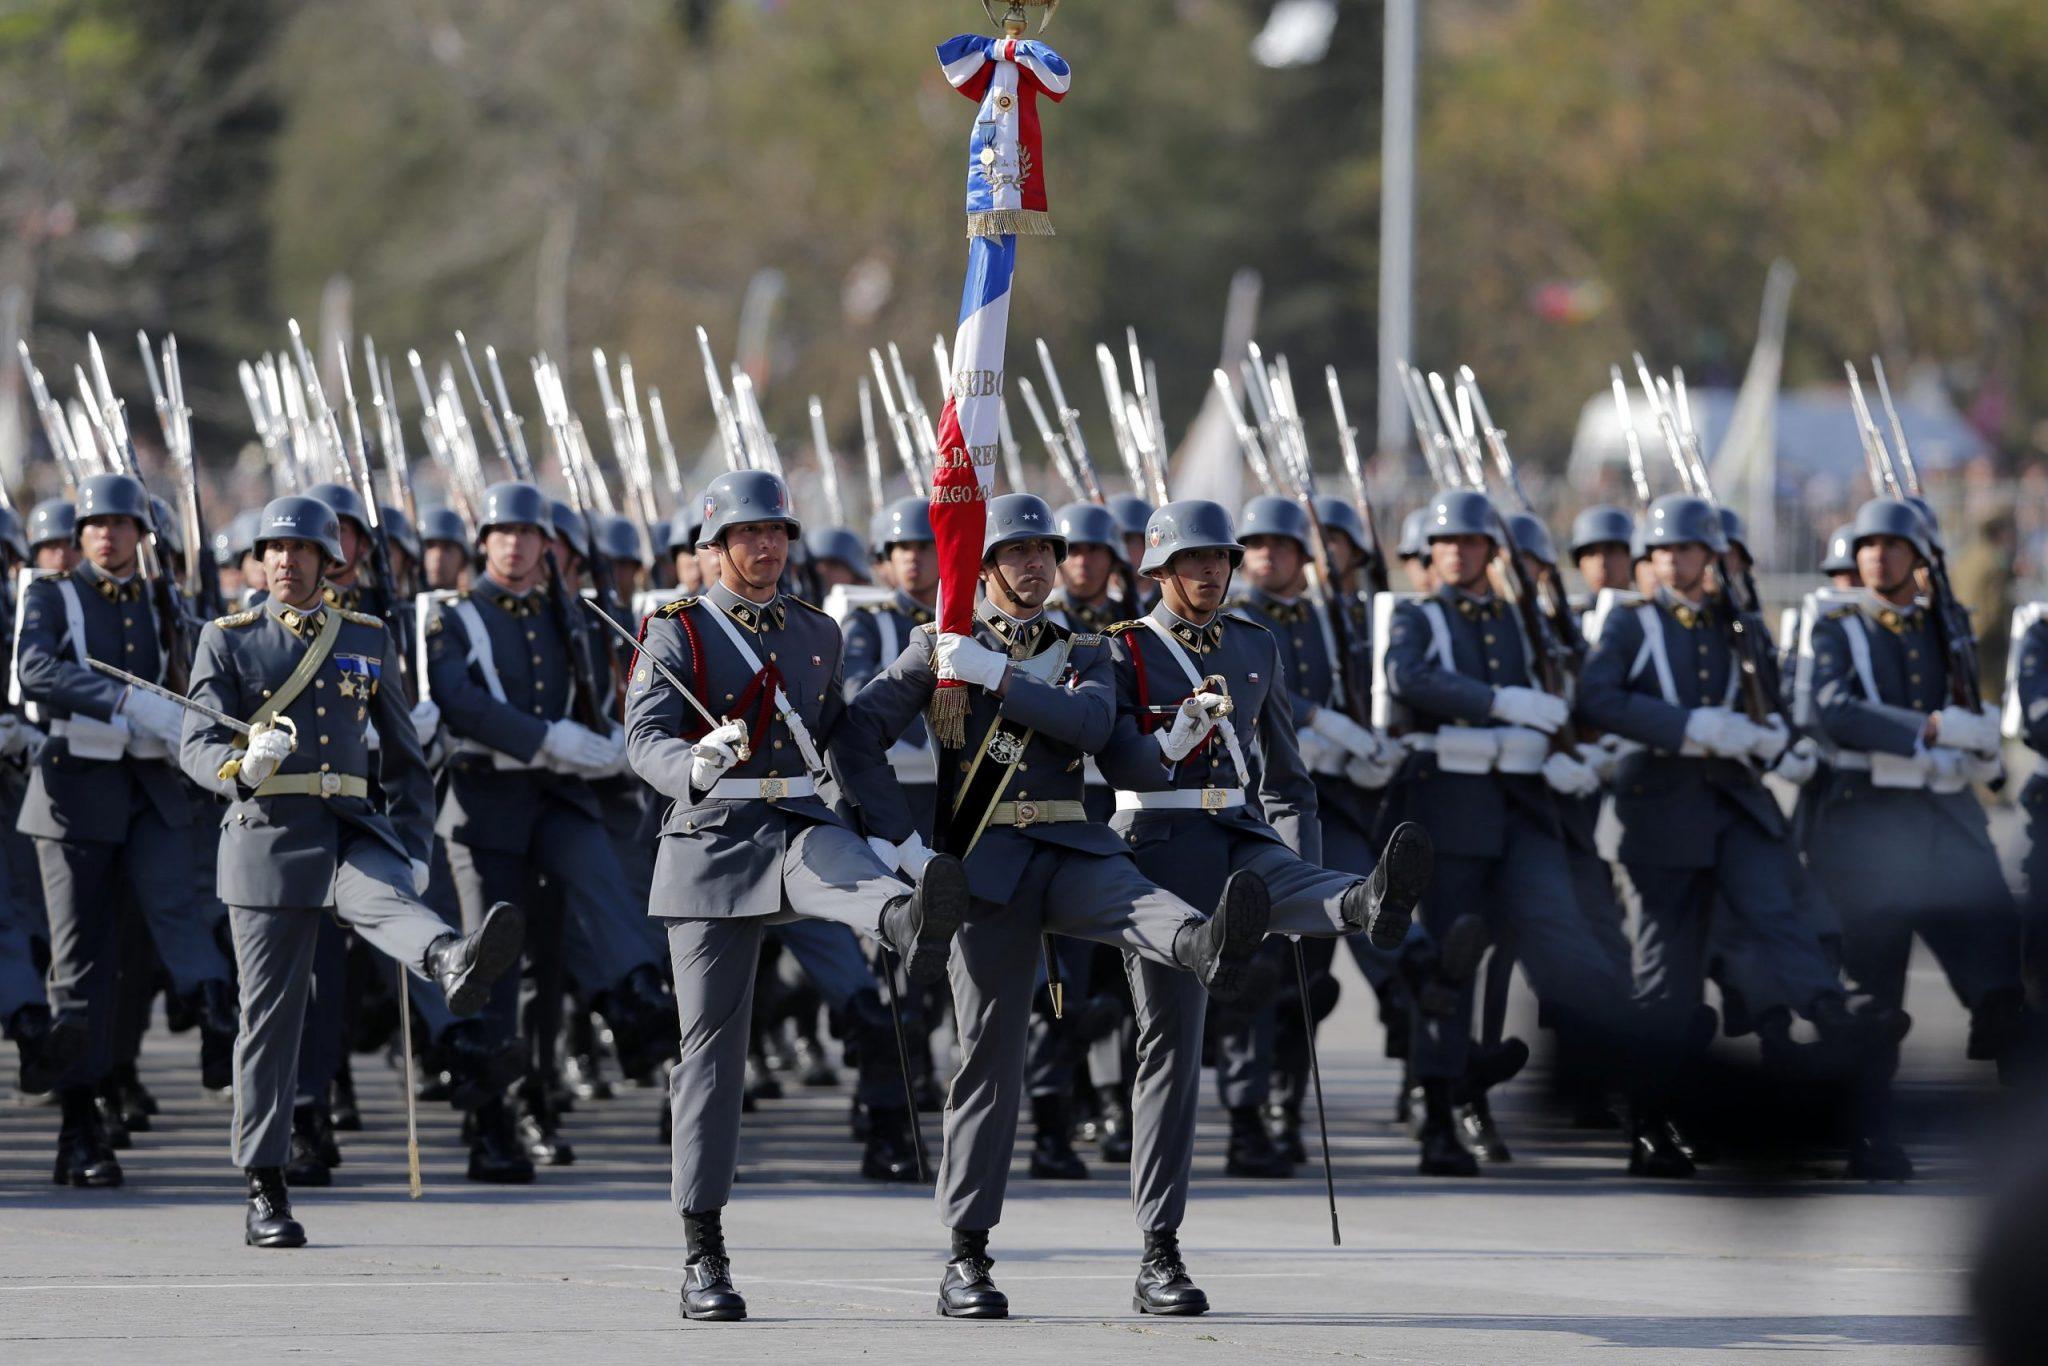 Llueven críticas al Gobierno por Parada Militar: Piden emplear recursos en atención de necesidades de la ciudadanía y no en exhibición de armas y uniformados